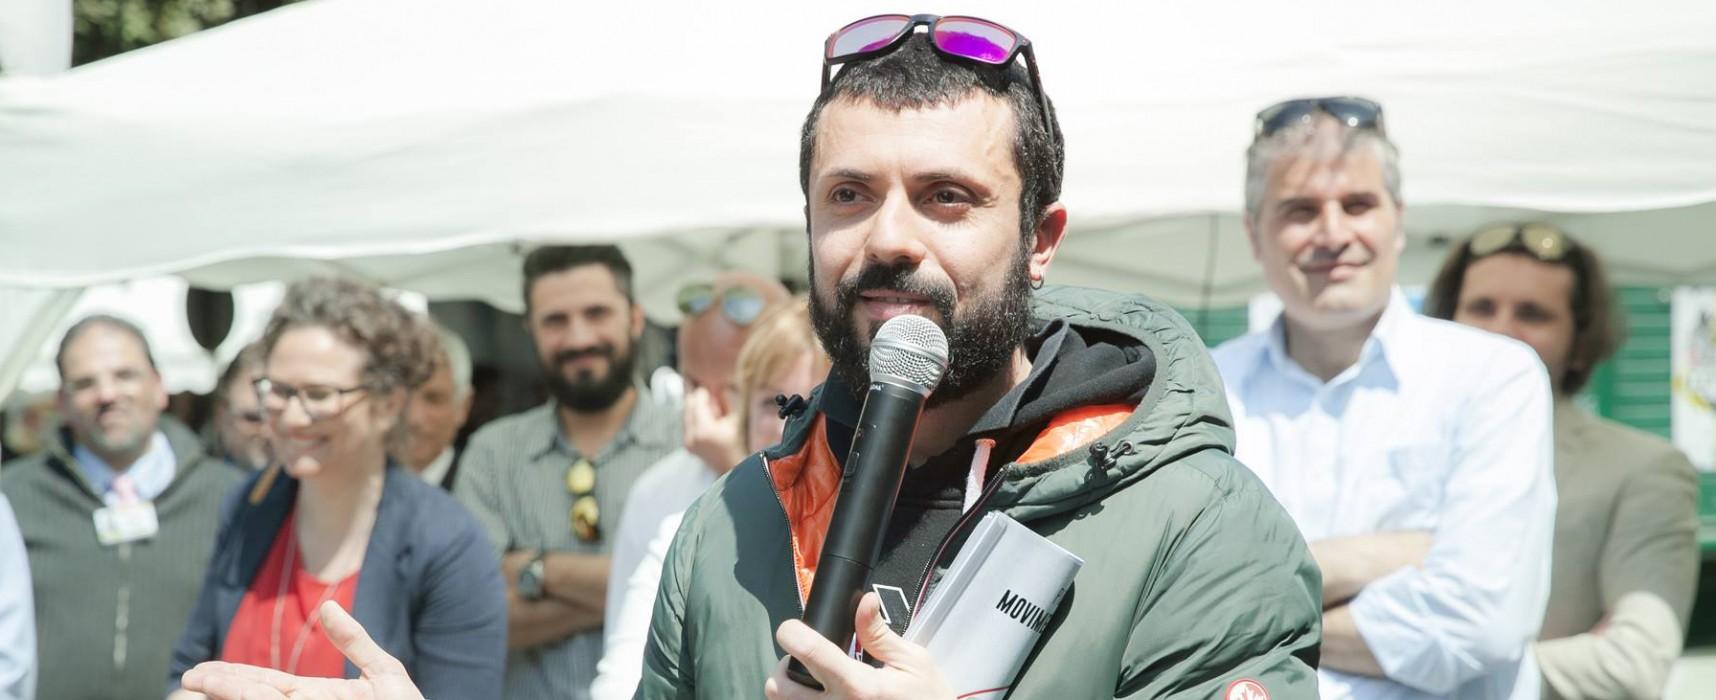 """D'Ambrosio (M5S) sul caso Spina: """"Non so se ridere o piangere"""""""